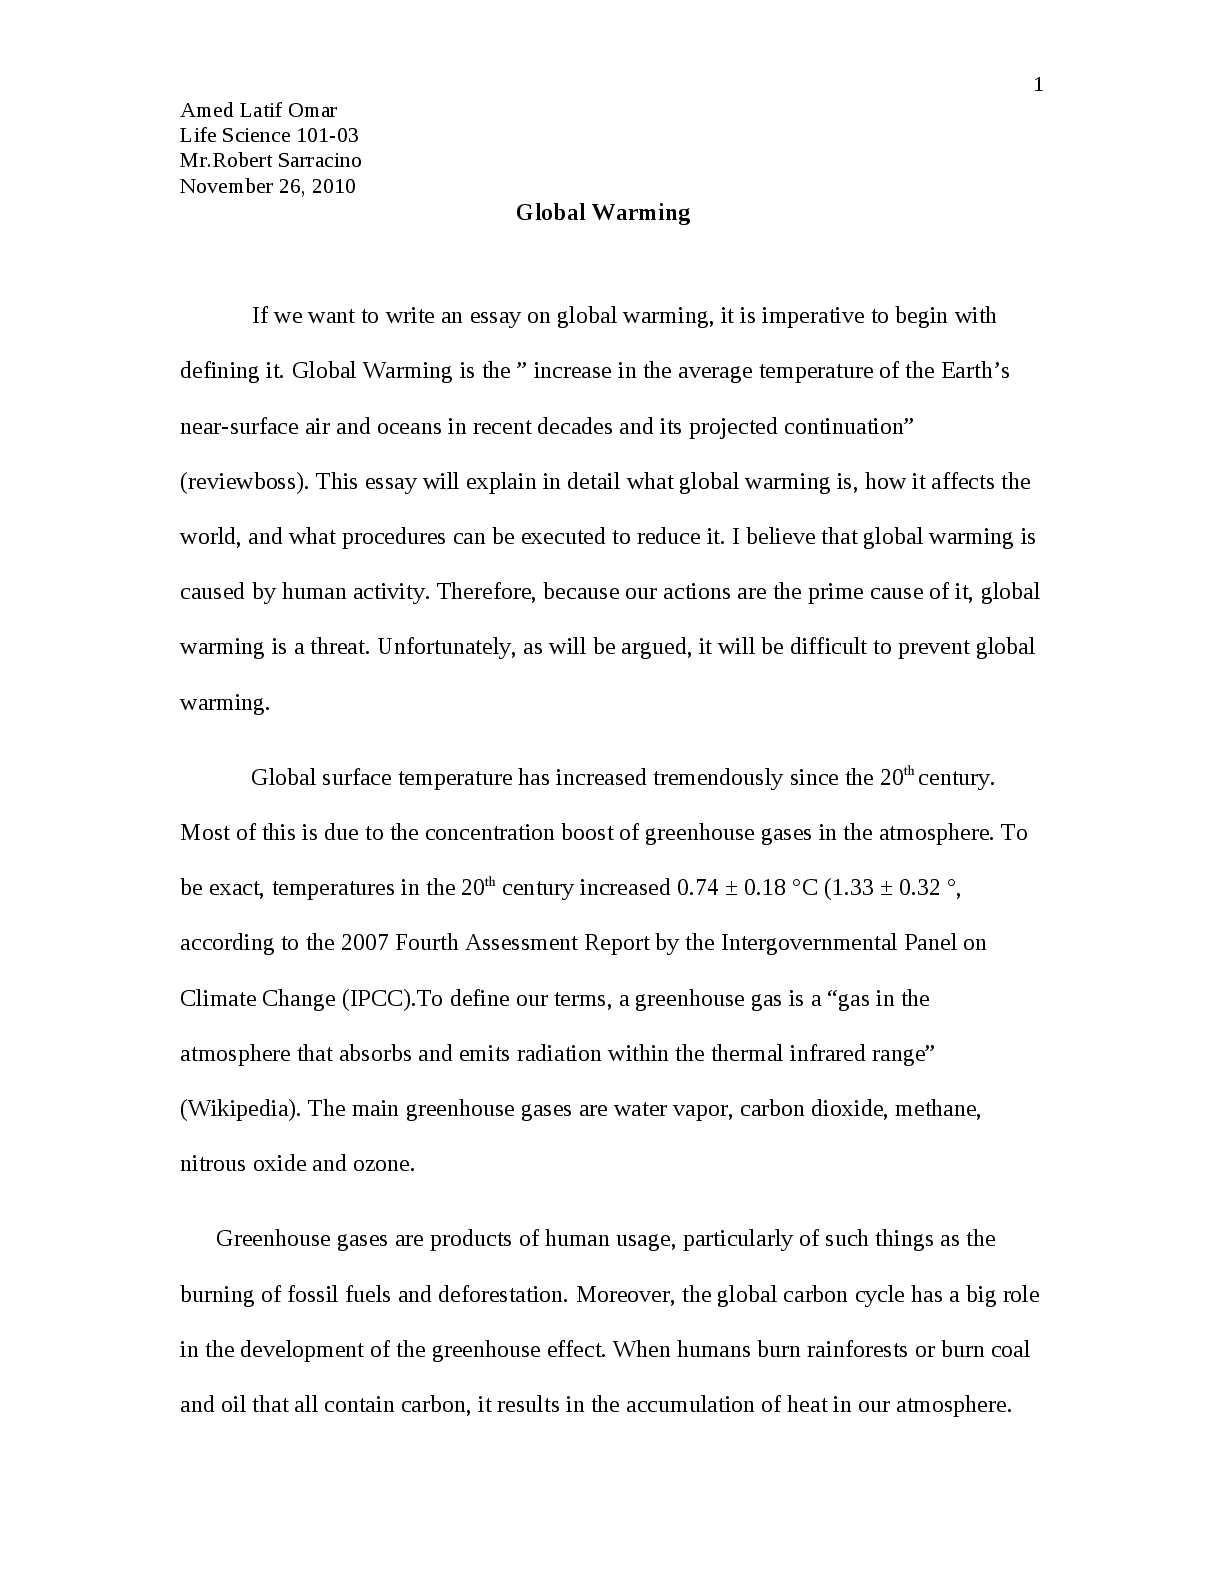 Best English Essay  Essays In Science also Model English Essays Calamo  Global Warming Argumentative Essay High School